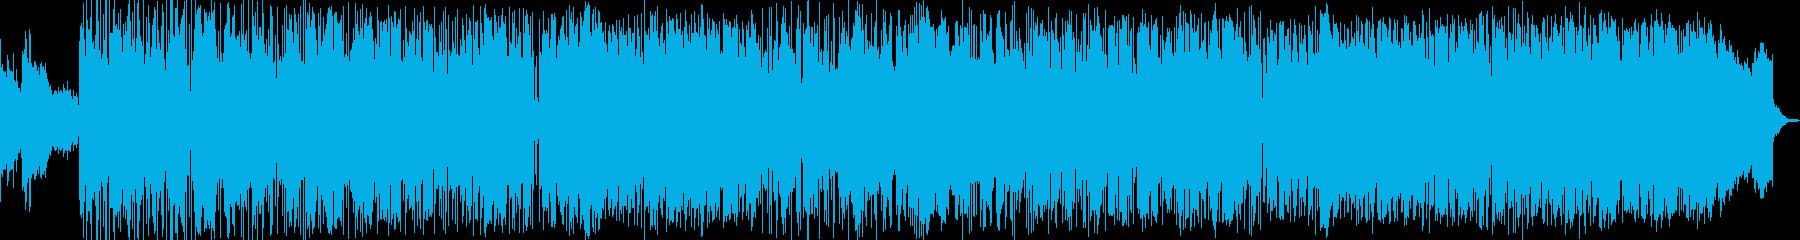 哀愁スムースジャズの再生済みの波形